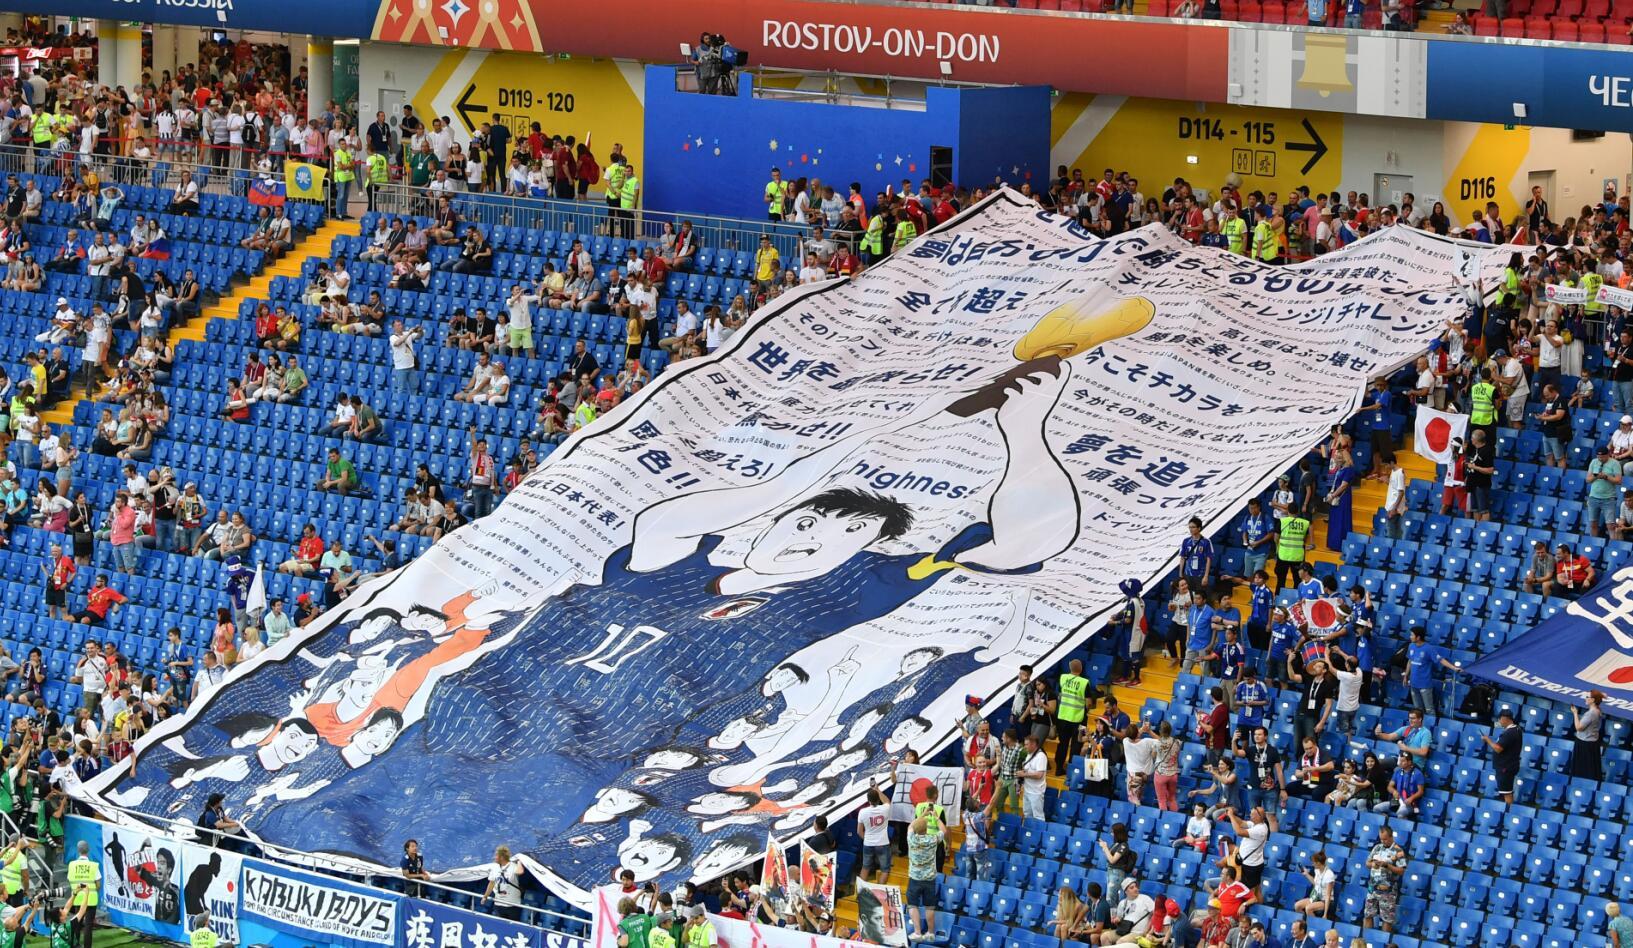 7月2日,日本隊球迷在比賽前打出日本漫畫《足球小將》的大幅海報。新華社